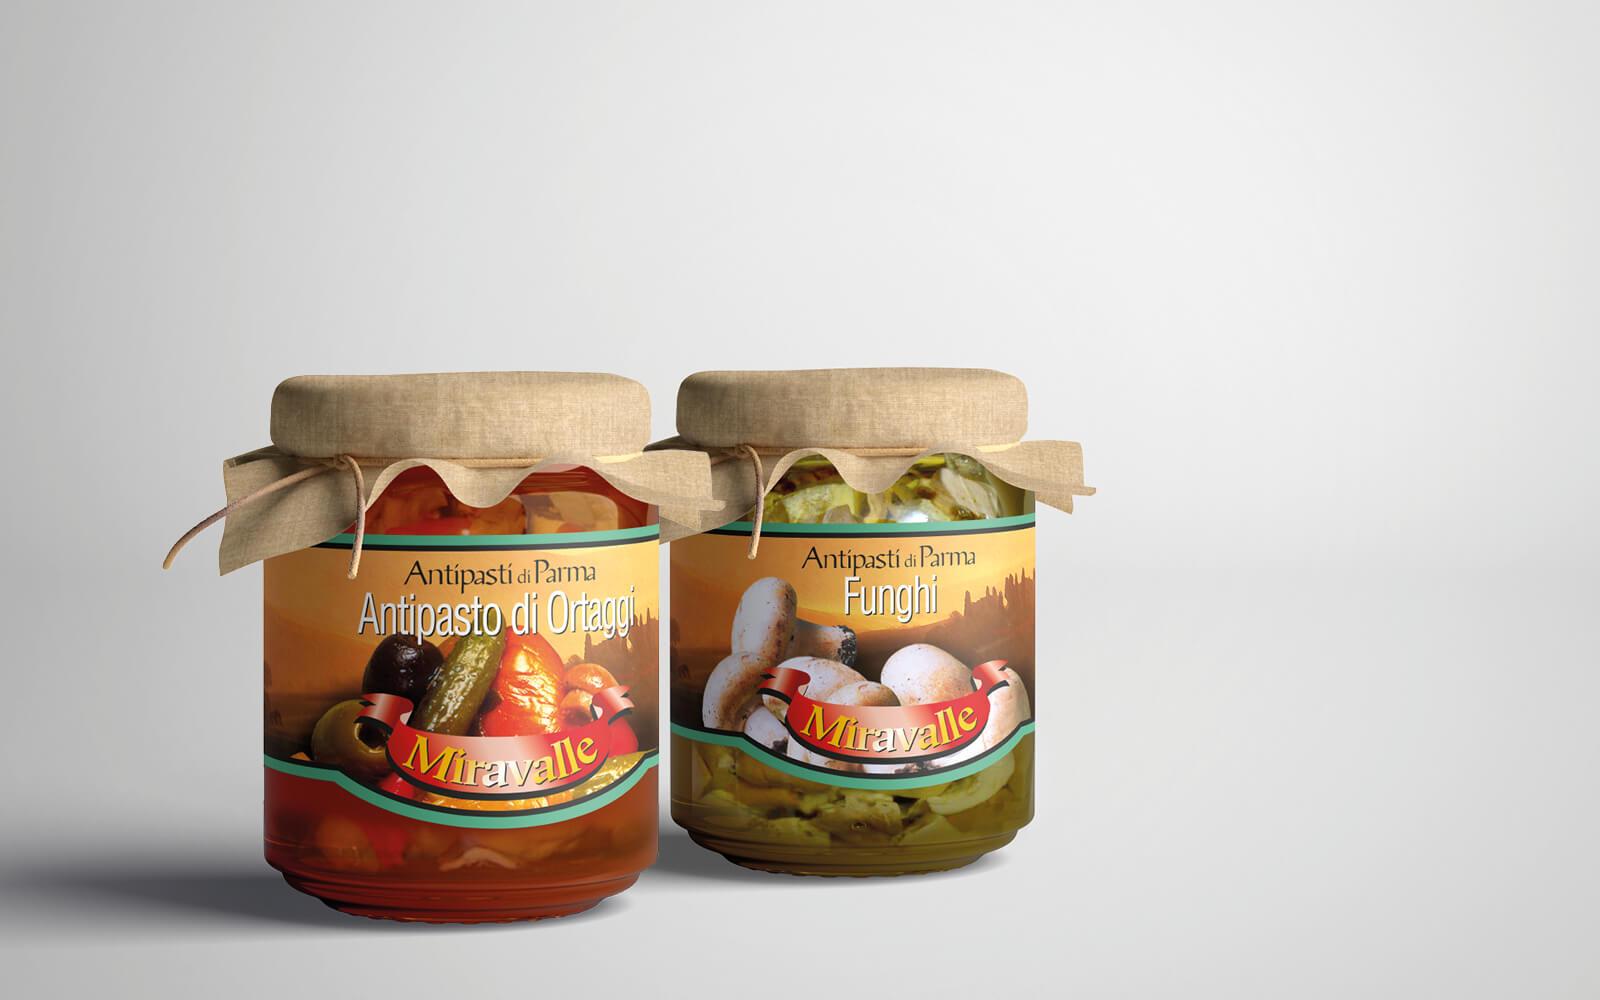 linea etichette alimentari per barattoli progettata da diadestudio arco di trento per provinco Italia